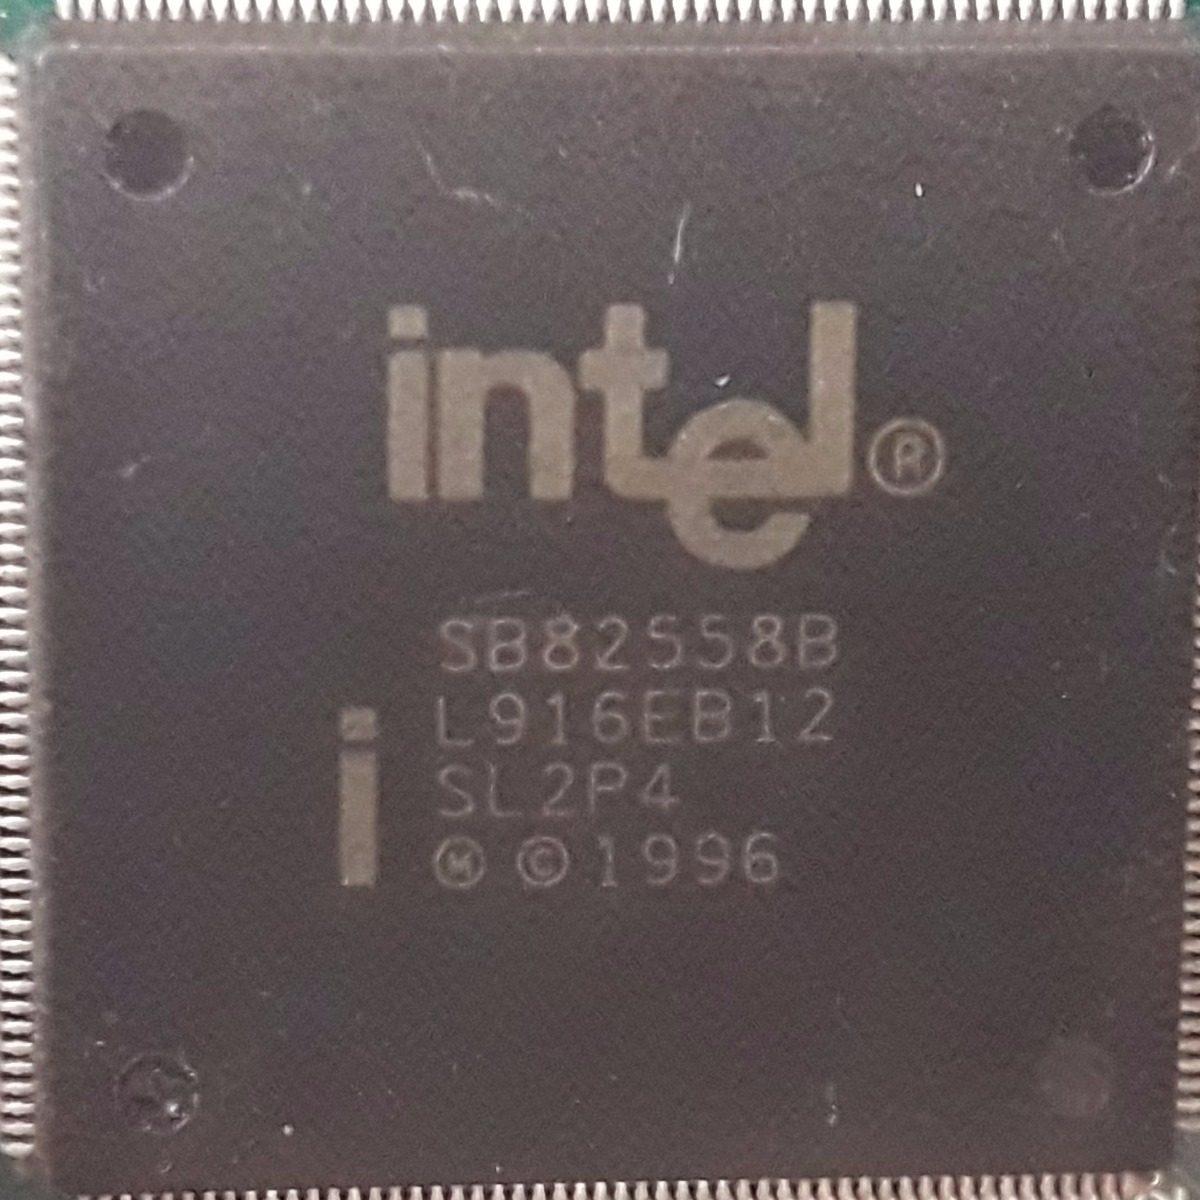 COMPAQ INTEL SB82558B DRIVERS FOR MAC DOWNLOAD